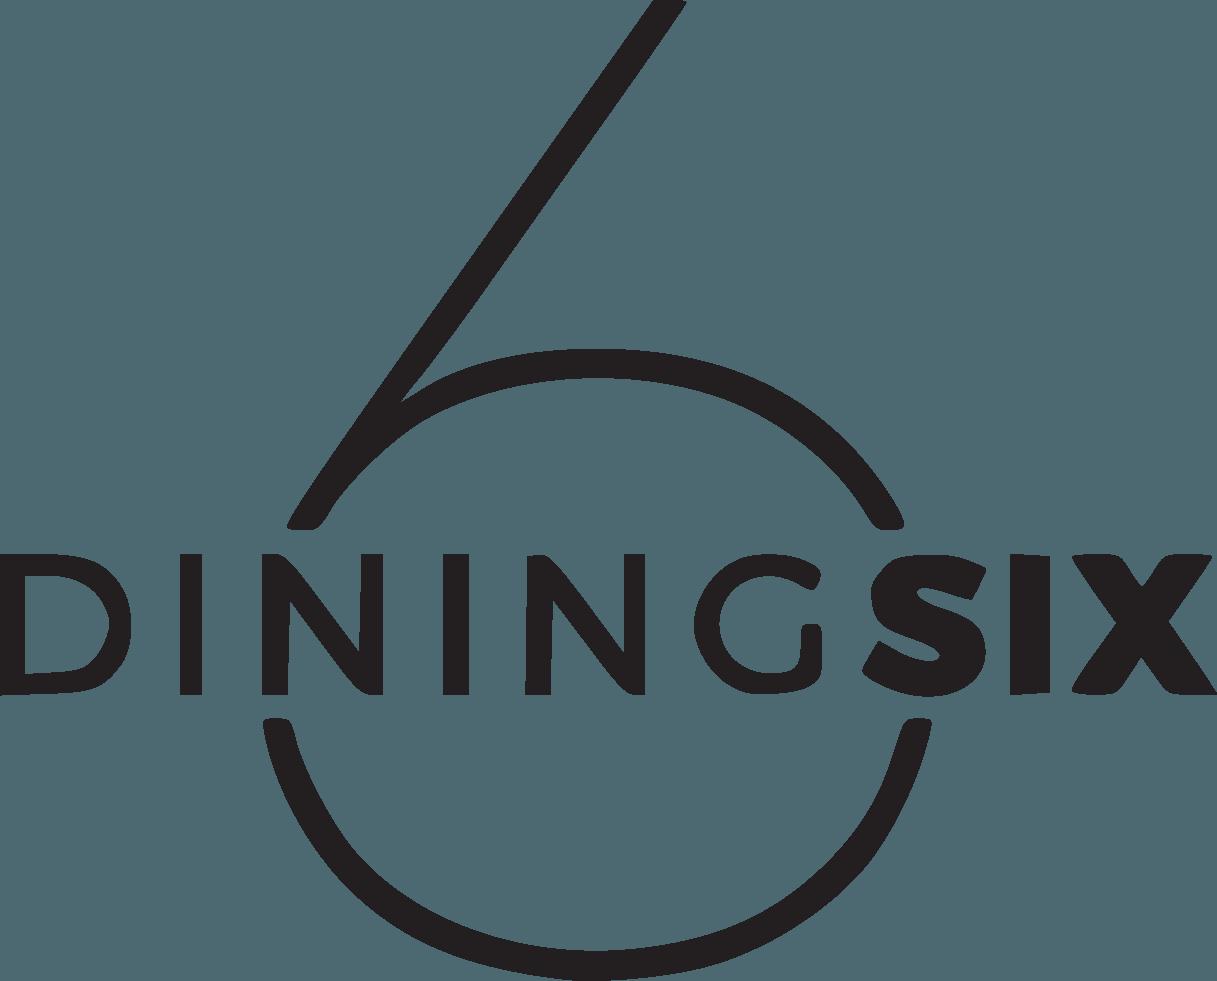 diningsixlogo.png